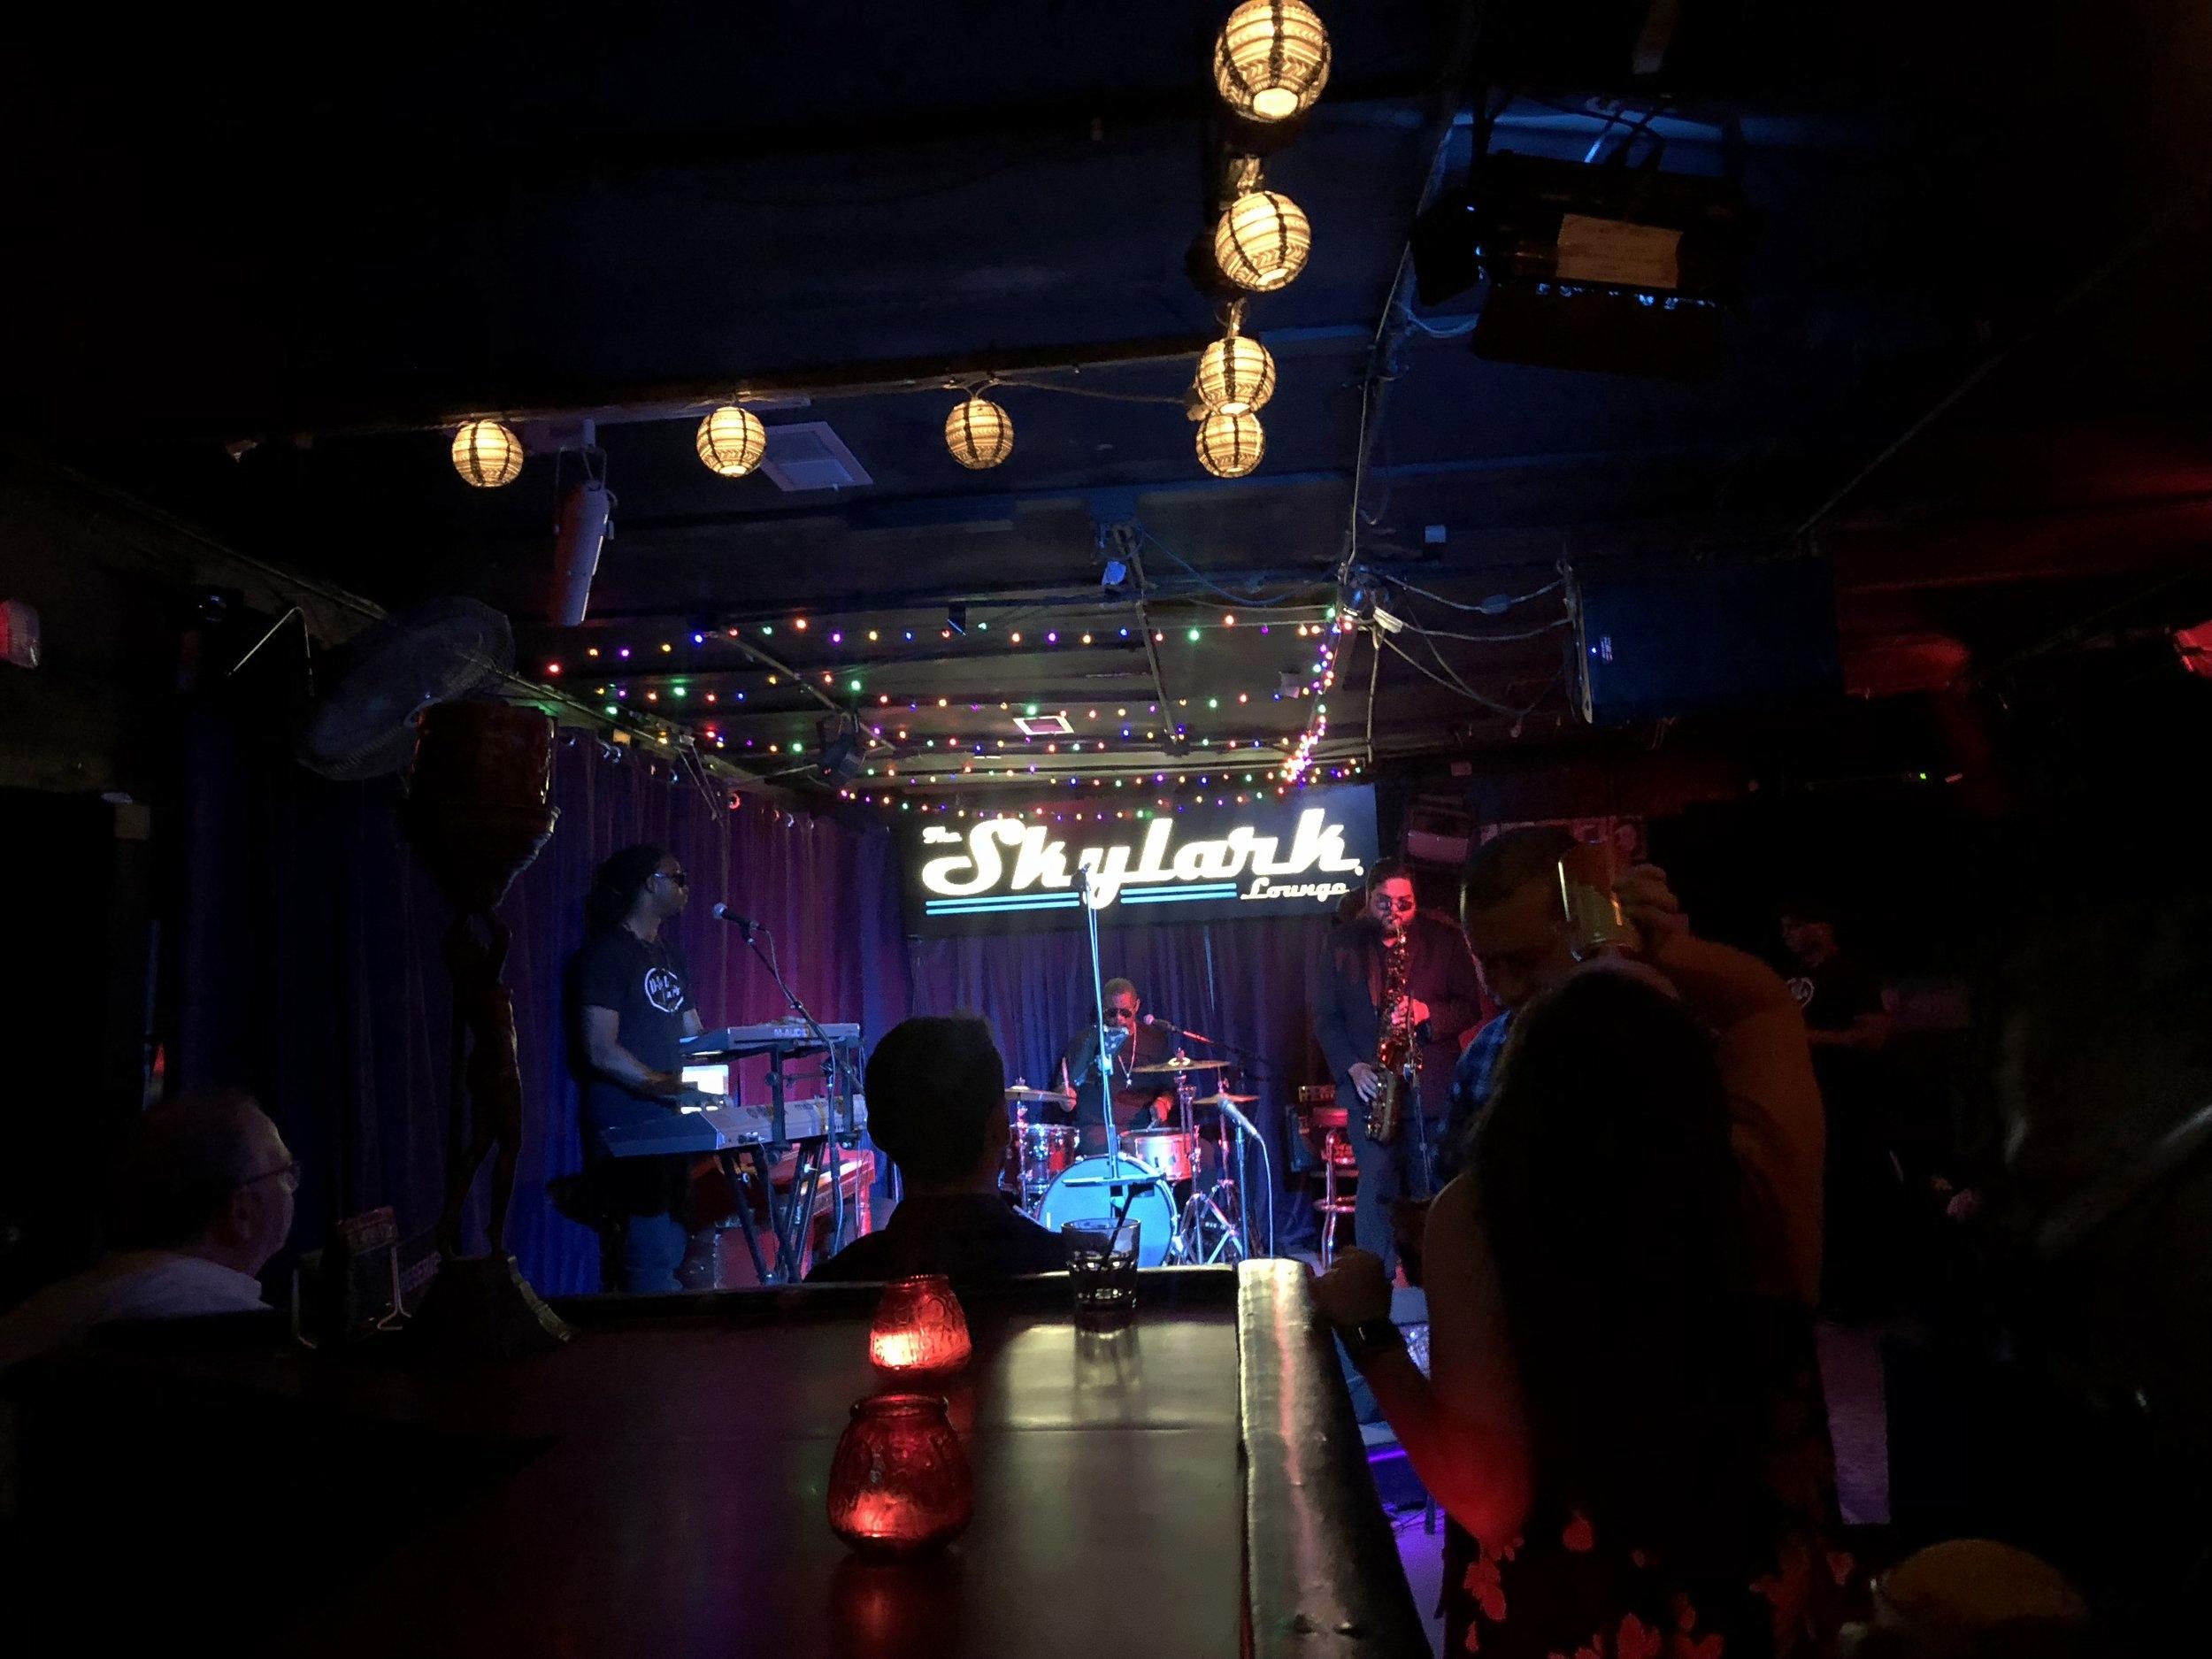 Skylark Lounge Austin